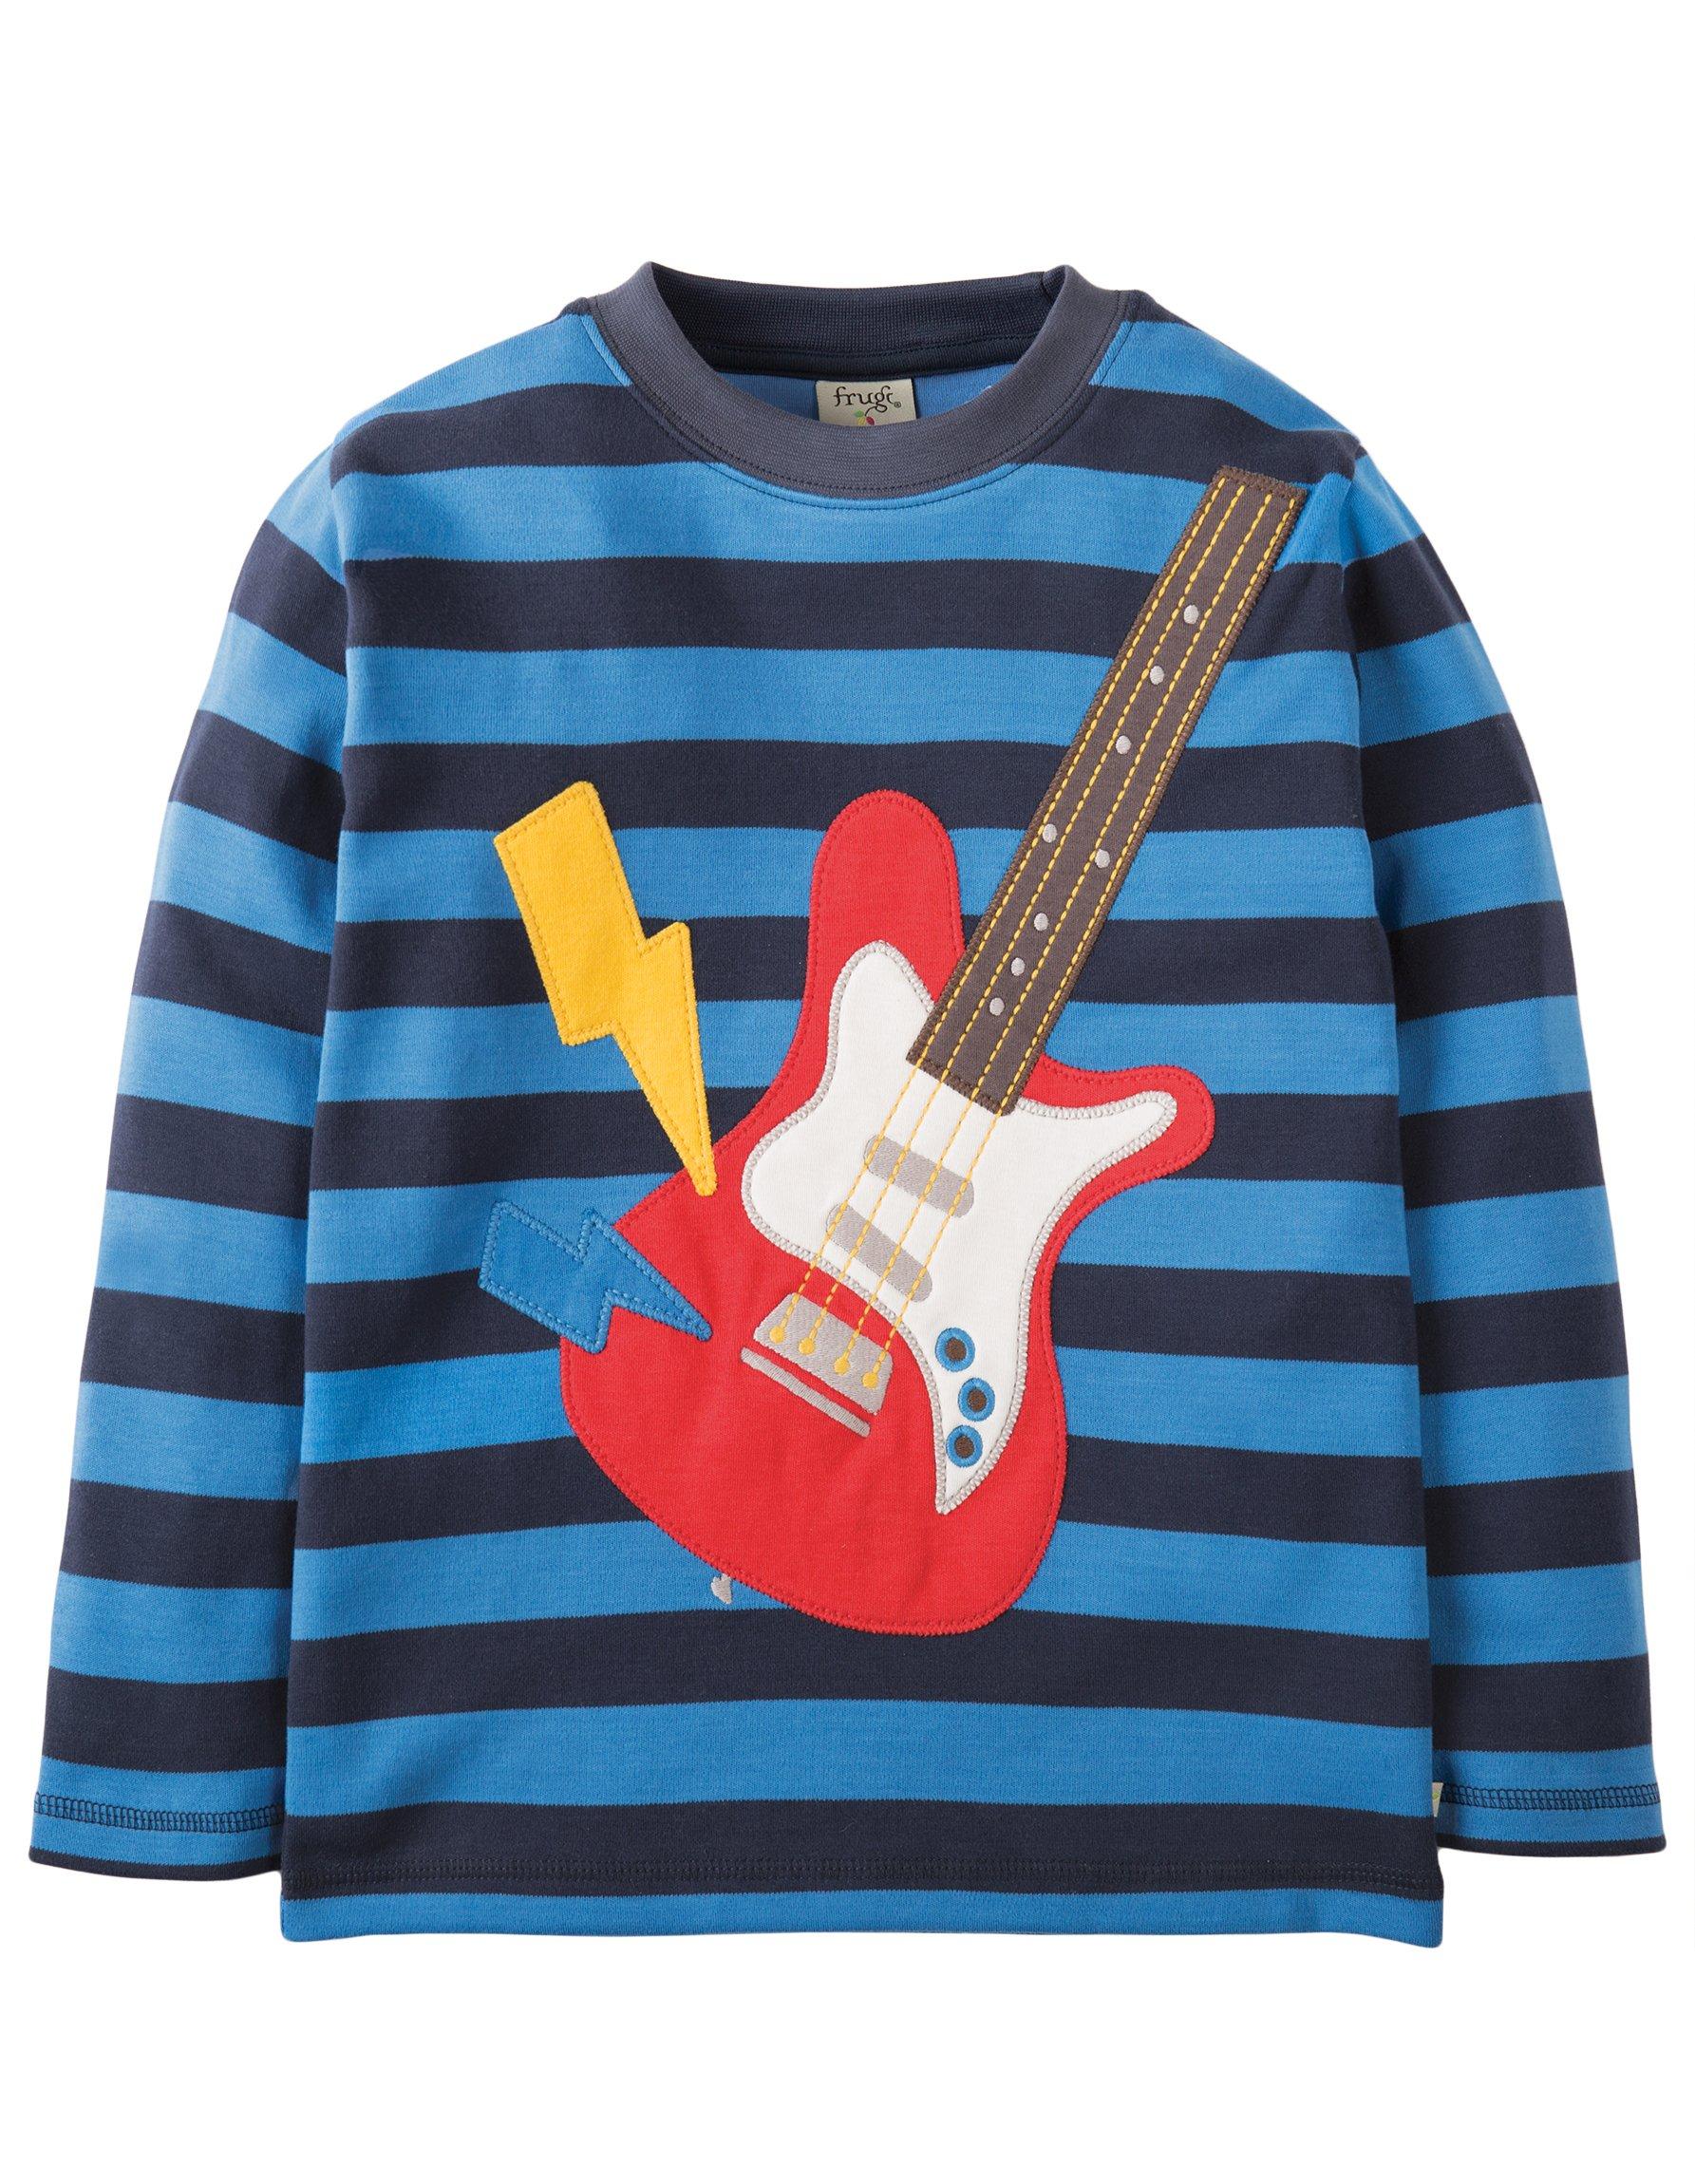 Maglietta a righe con chitarra